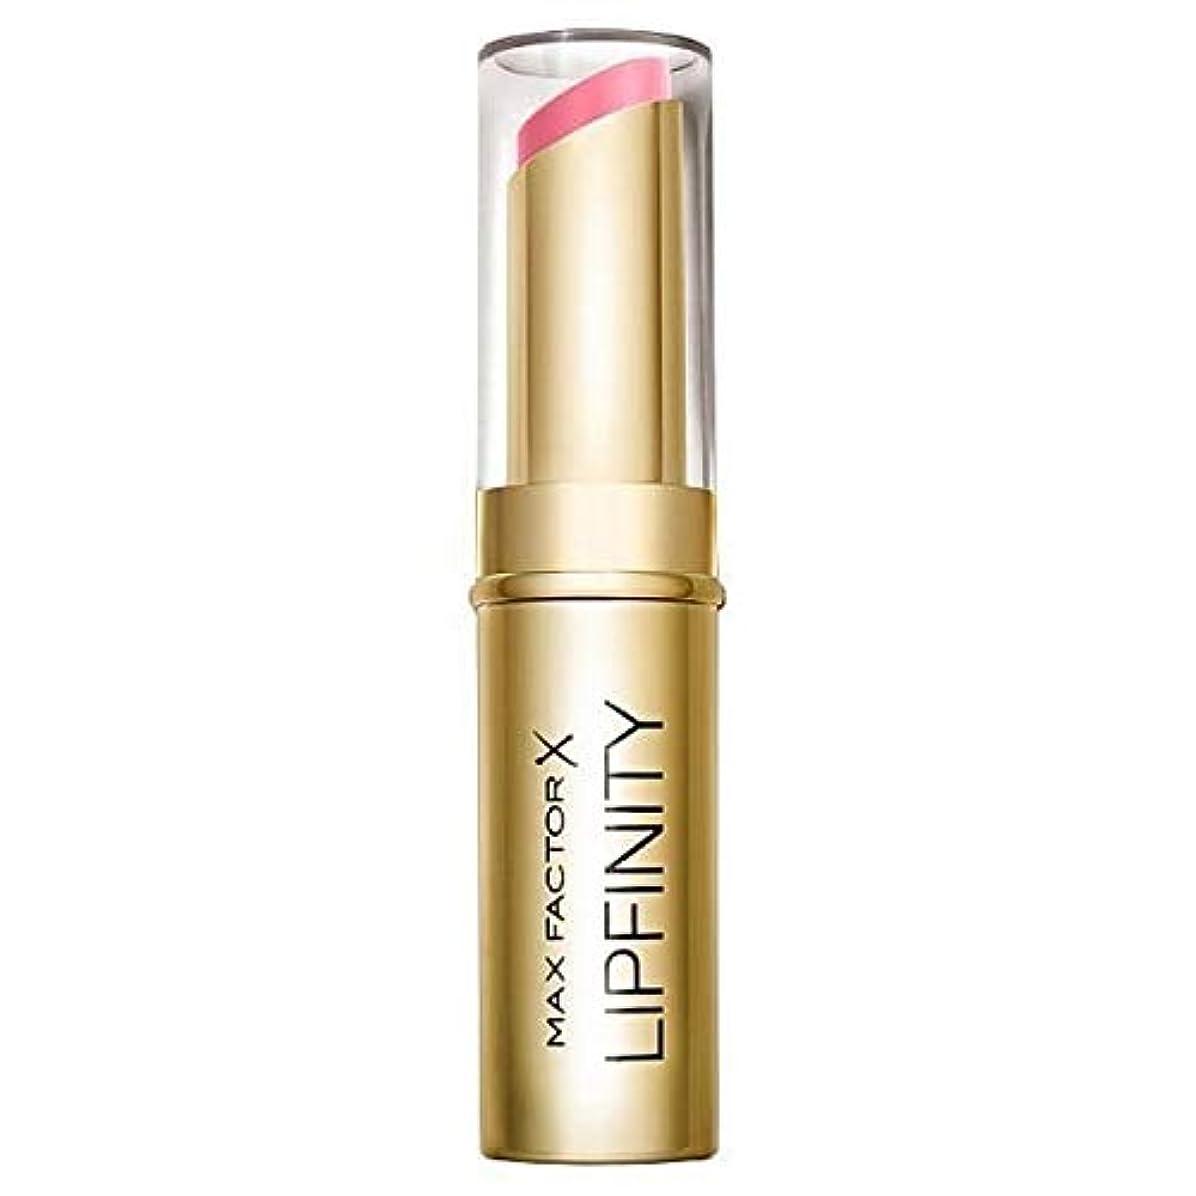 ライド避ける義務的[Max Factor ] 長い口紅は永遠崇高持続マックスファクターLipfinity - Max Factor Lipfinity Long Lasting Lipstick Evermore Sublime [並行輸入品]